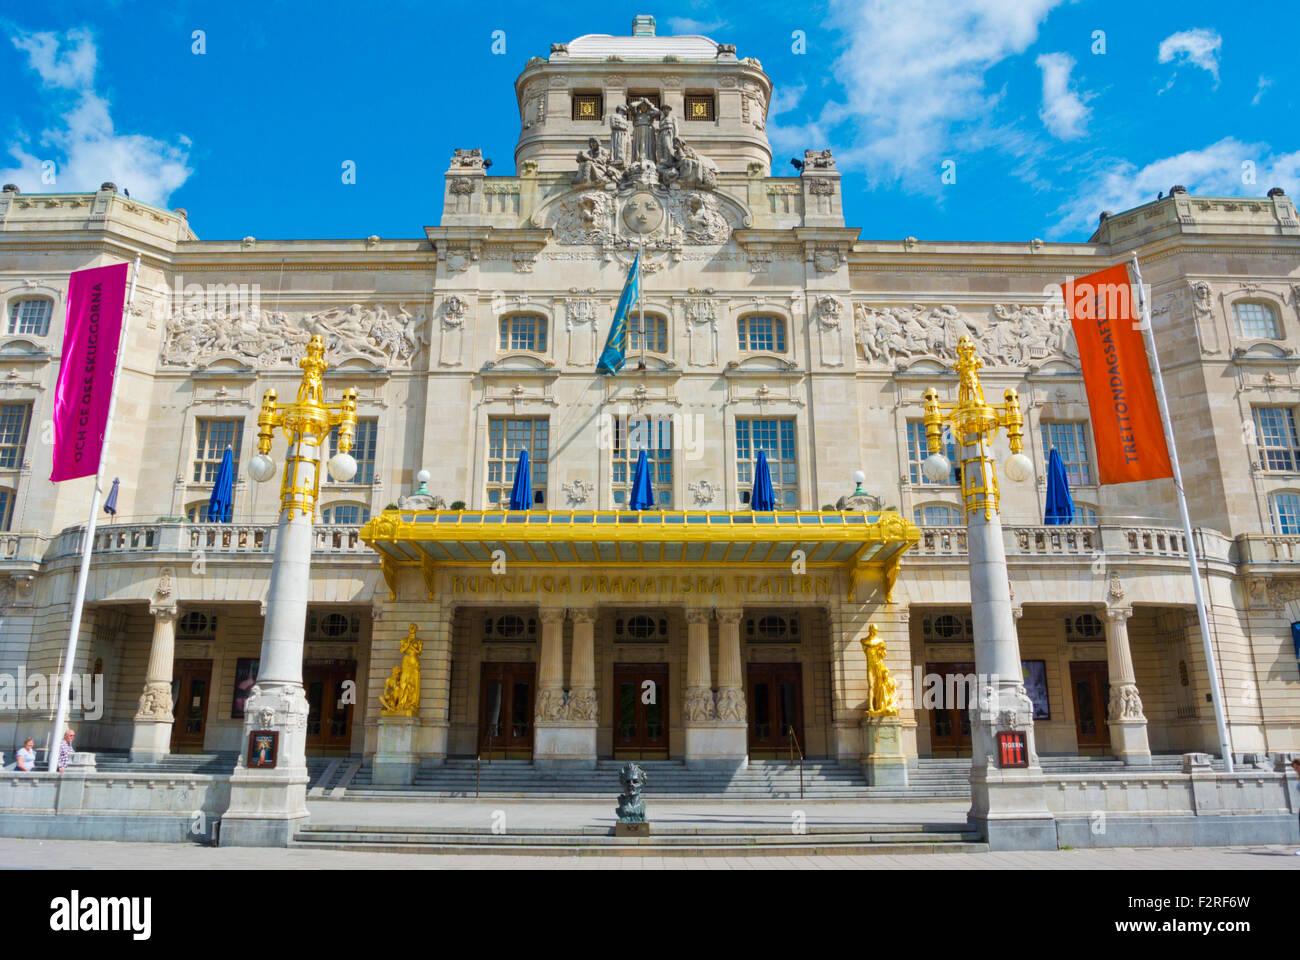 Dramaten, Kungliga Dramatiska Teatern, Royal Drama Theatre, Nybroplan, Östermalm, Stockholm, Sweden - Stock Image